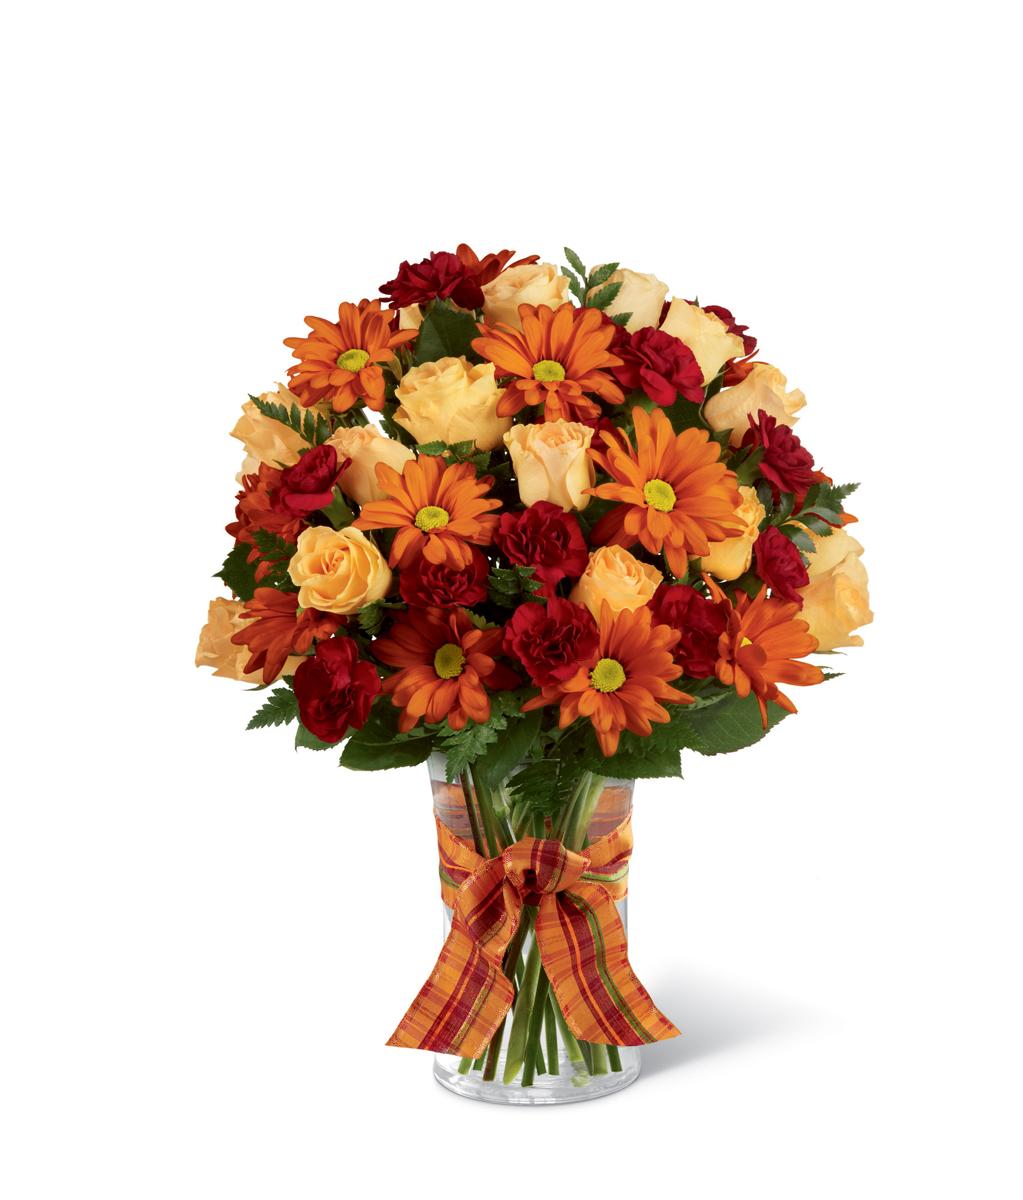 The Ftd Golden Autumn Ribbon Bouquet Detroit Mi Florist